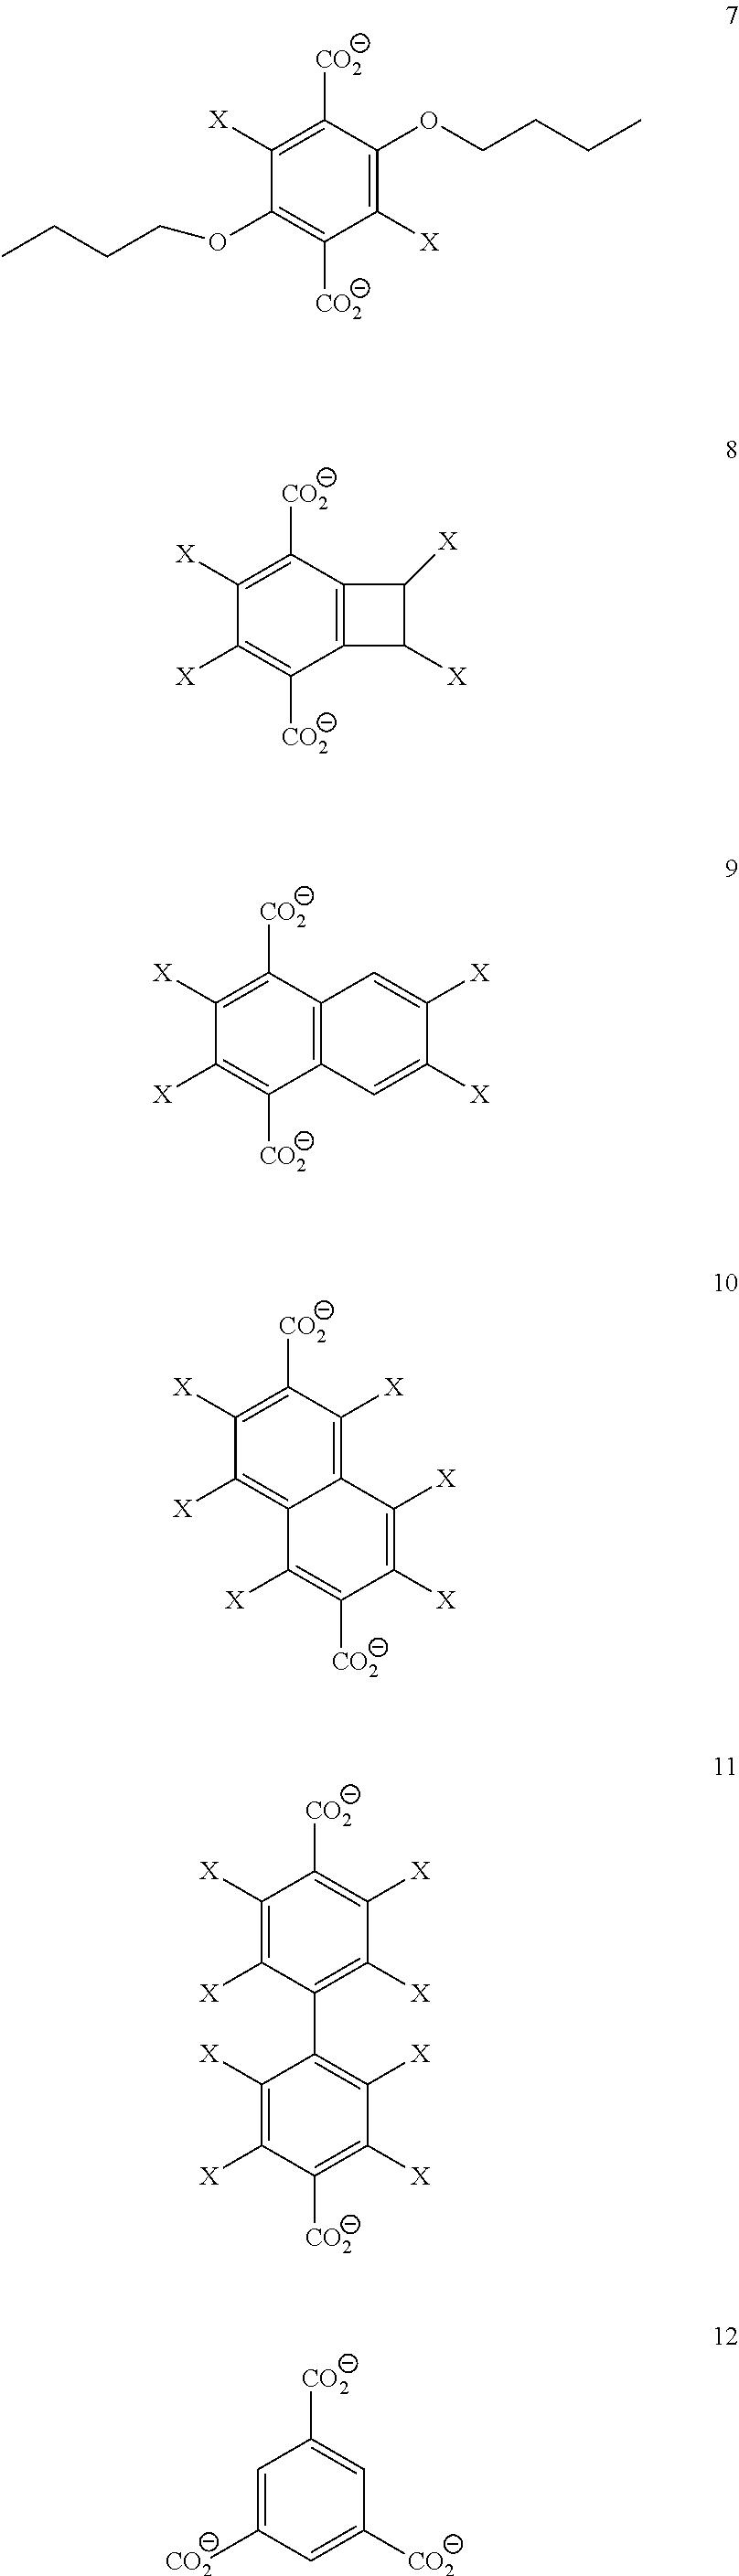 Figure US20180201629A1-20180719-C00002